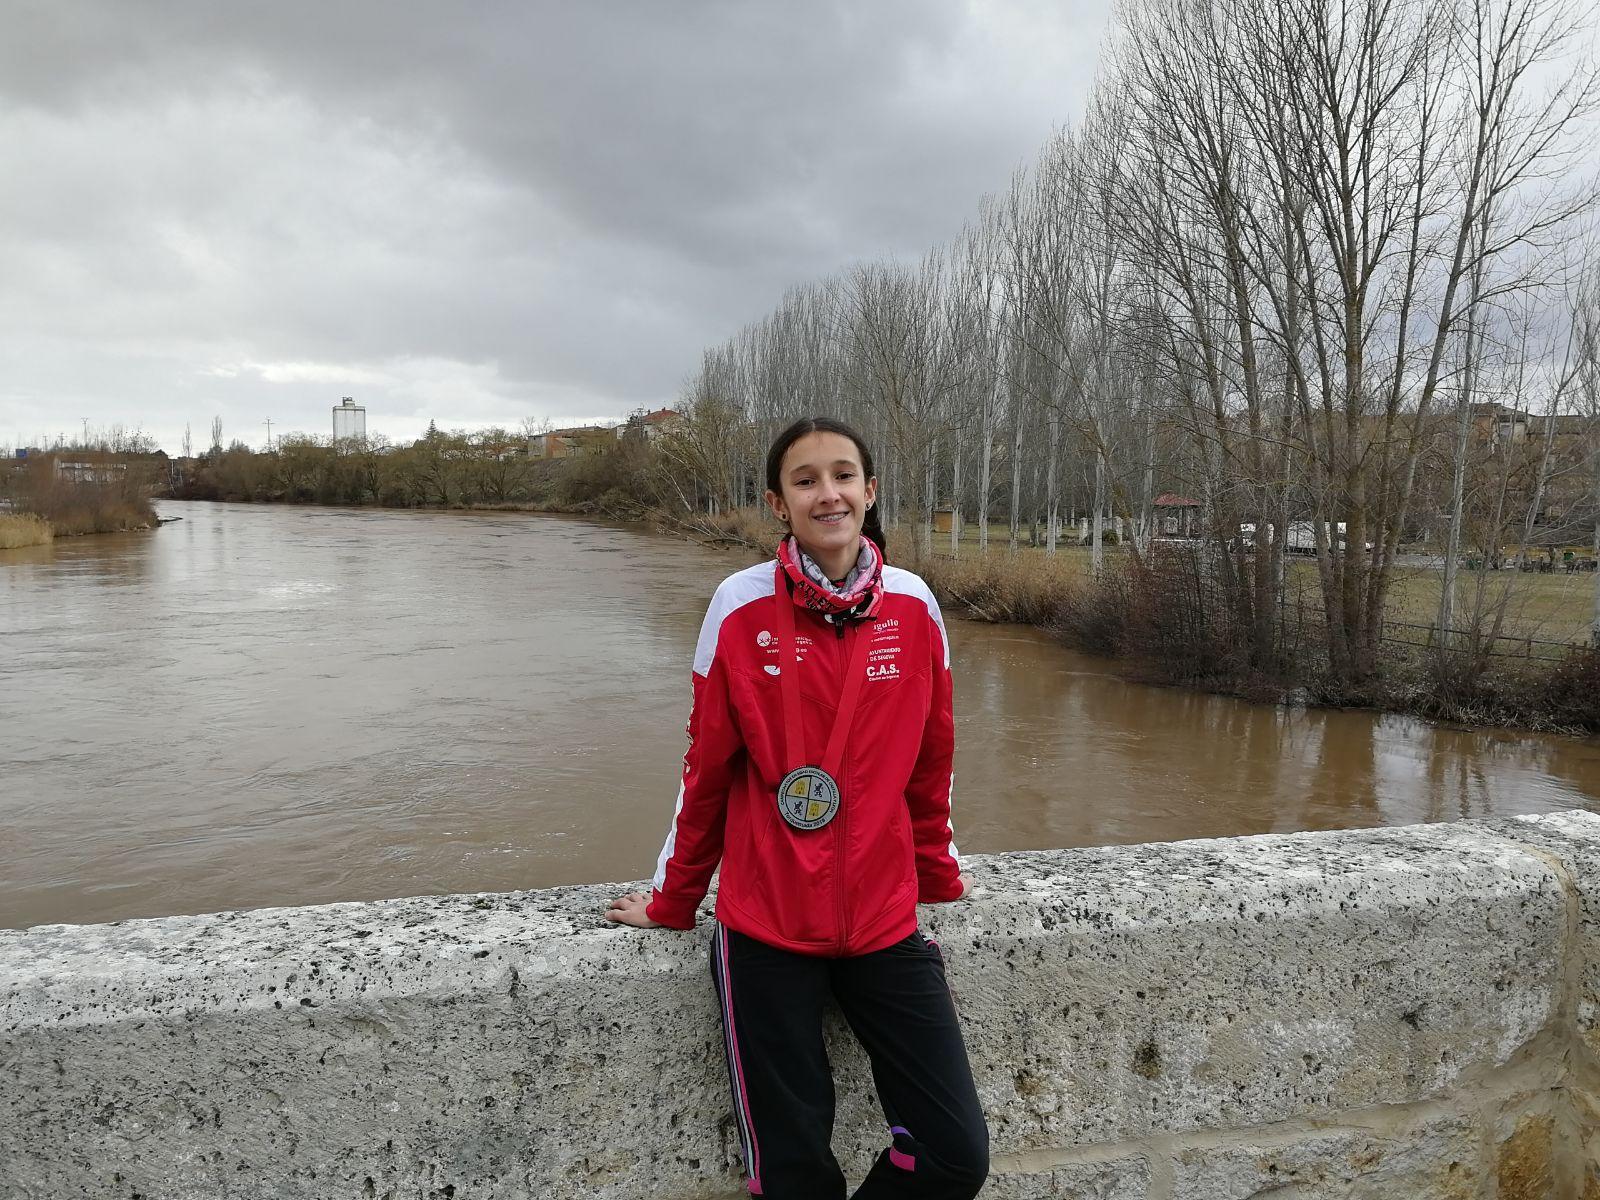 La atleta del CAS-Ciudad de Segovia, Pilar Moreno López, consigue el subcampeonato autonómico cadete de Cross Escolar